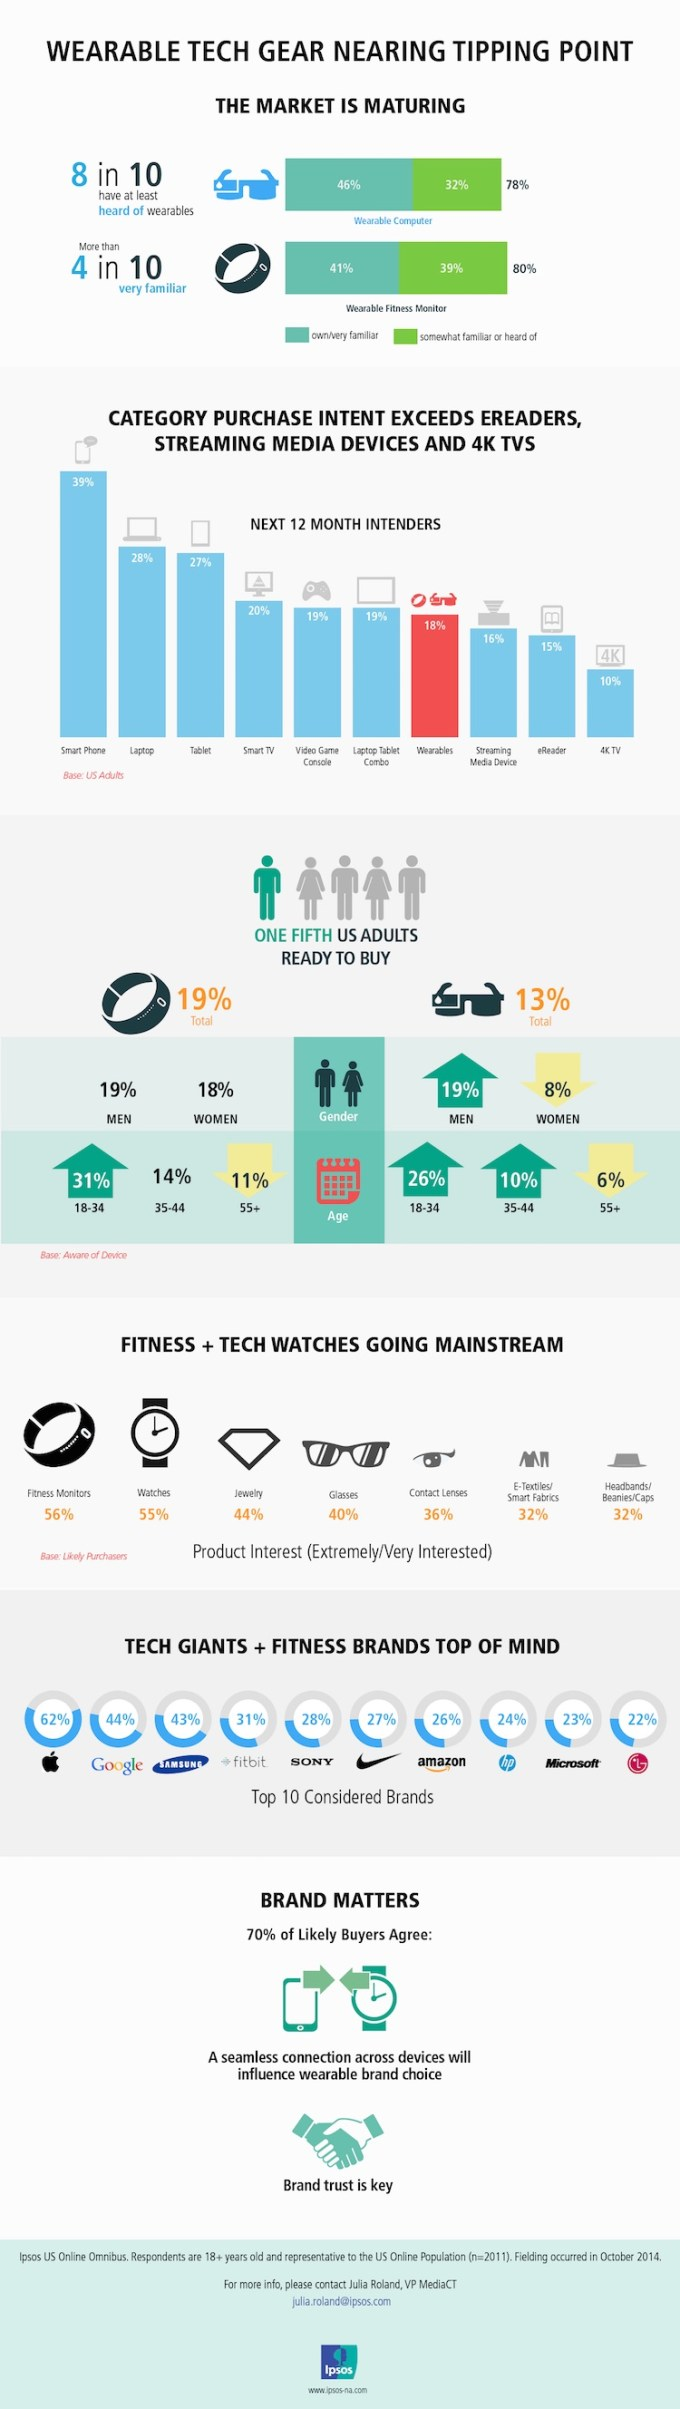 Co kupimy z technologii w 2015 roku